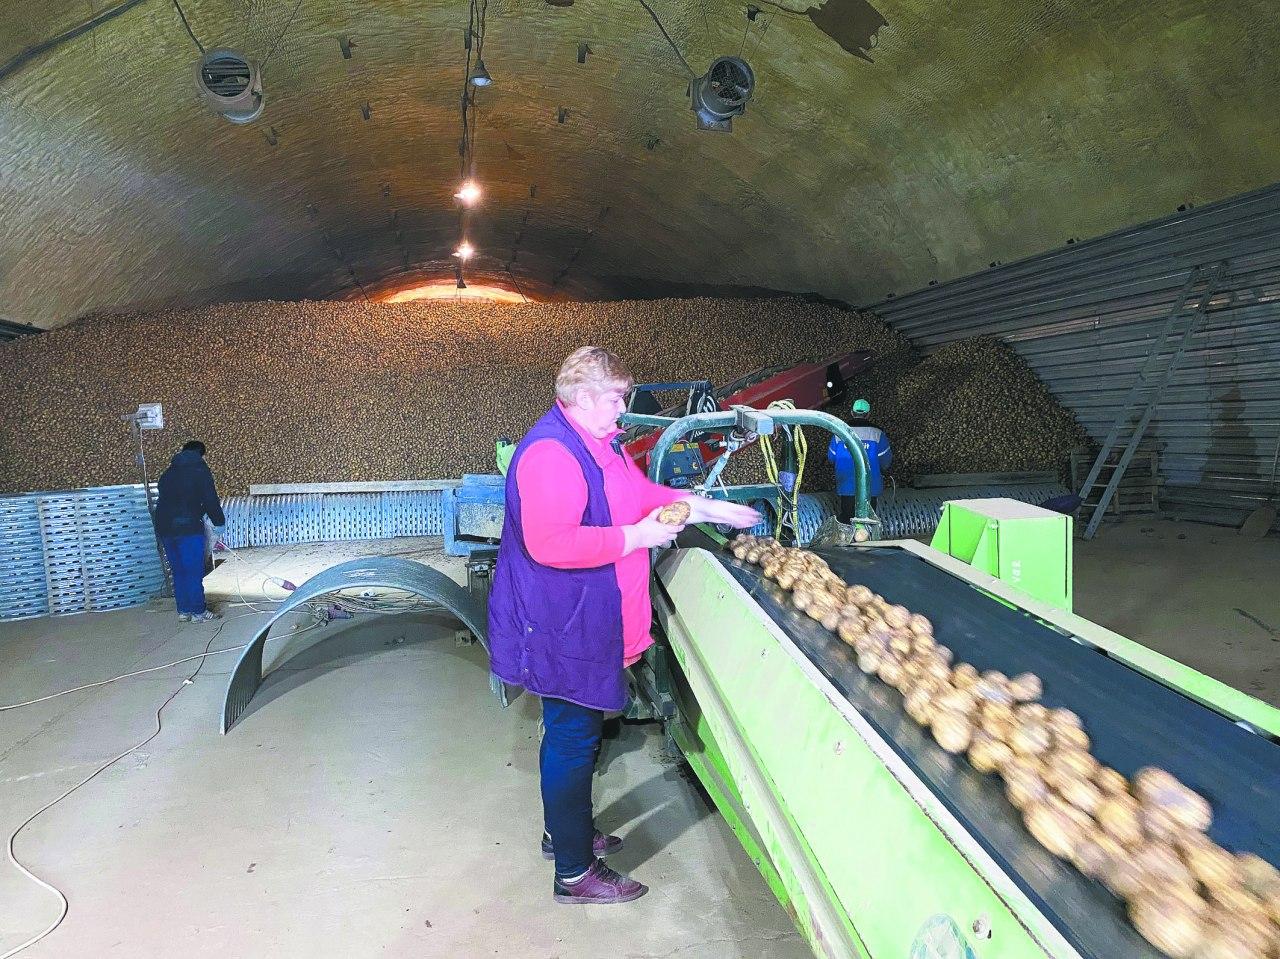 Более 40 крестьянско-фермерских хозяйств работают в Коломенском городском округе